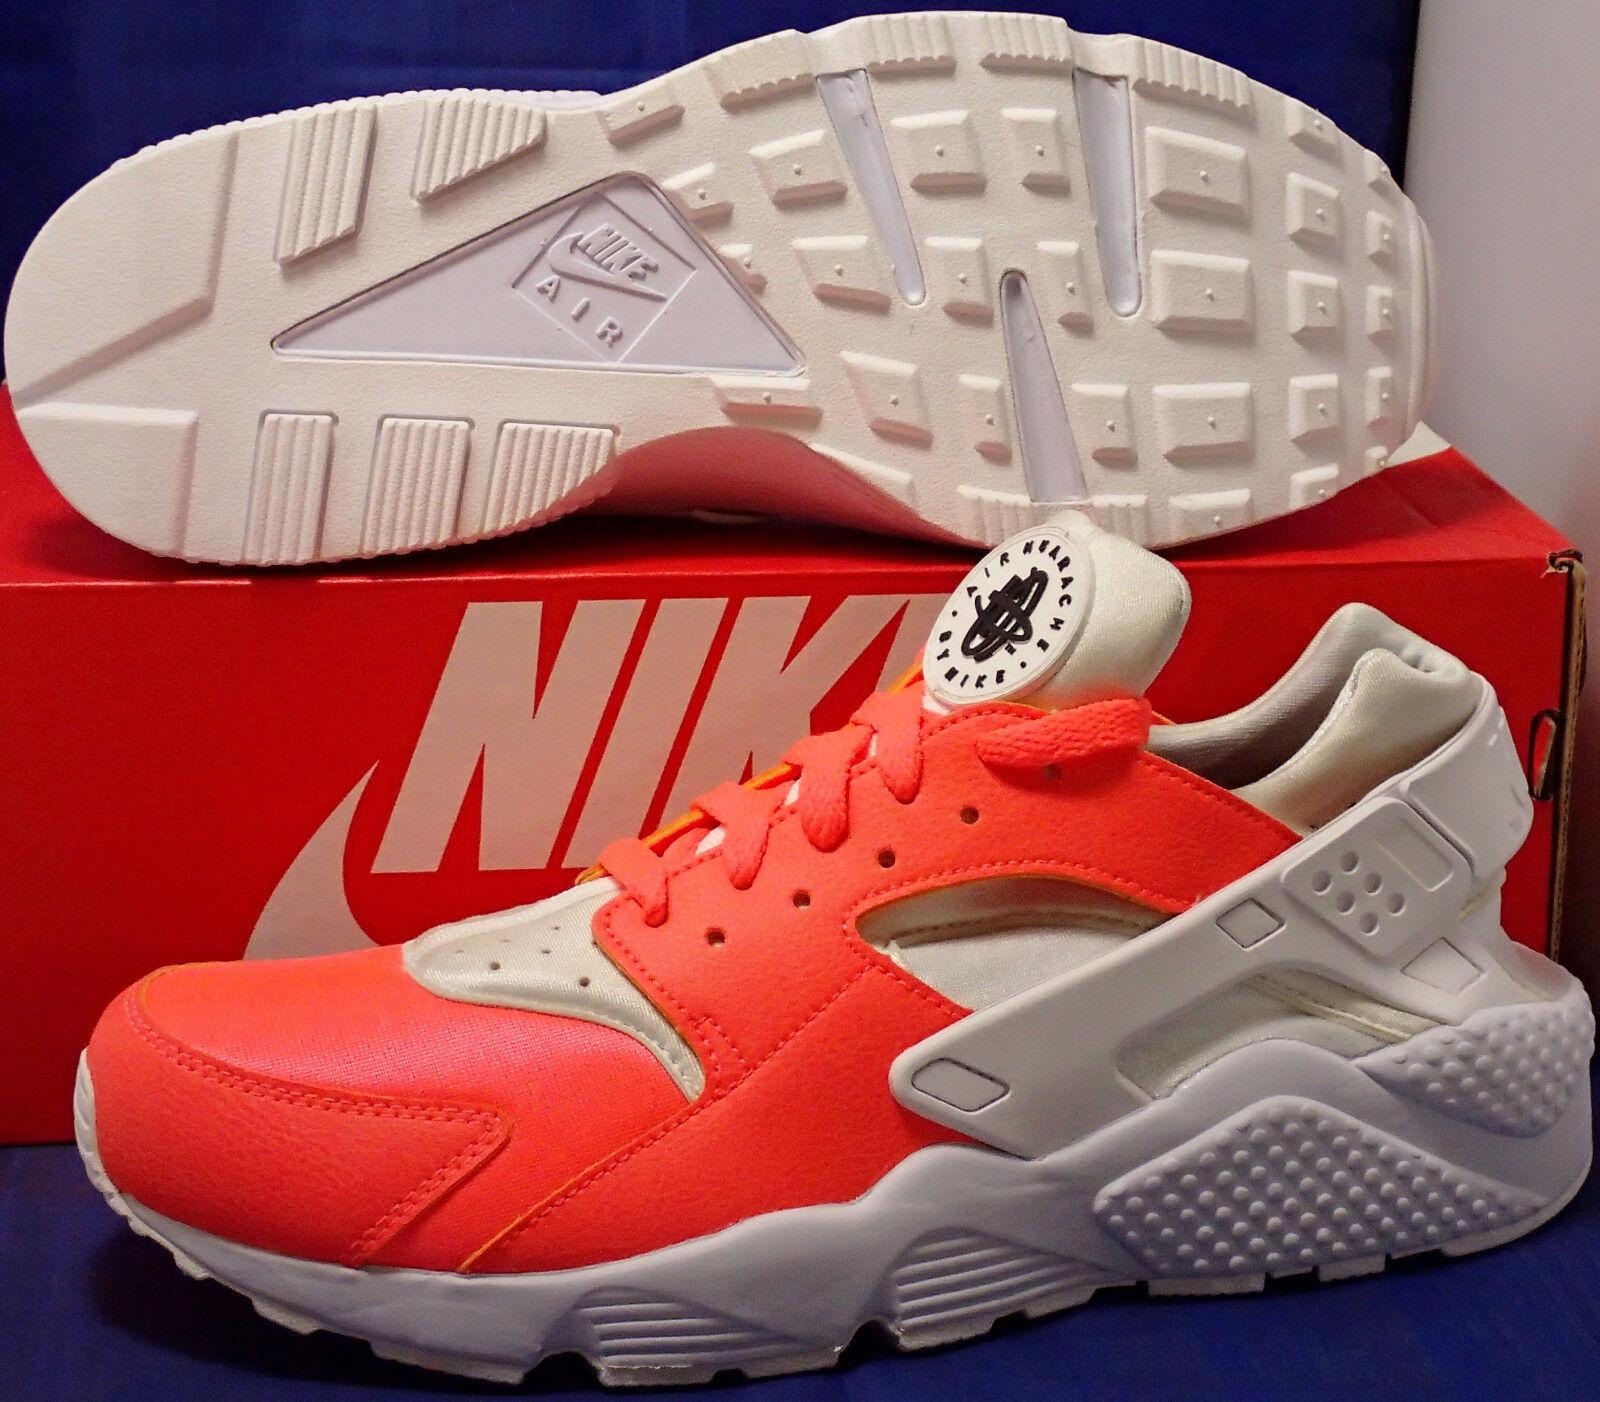 Nike Air Huarache Run iD bianca Hot Lava SZ 10.5 ( 777330-994 )